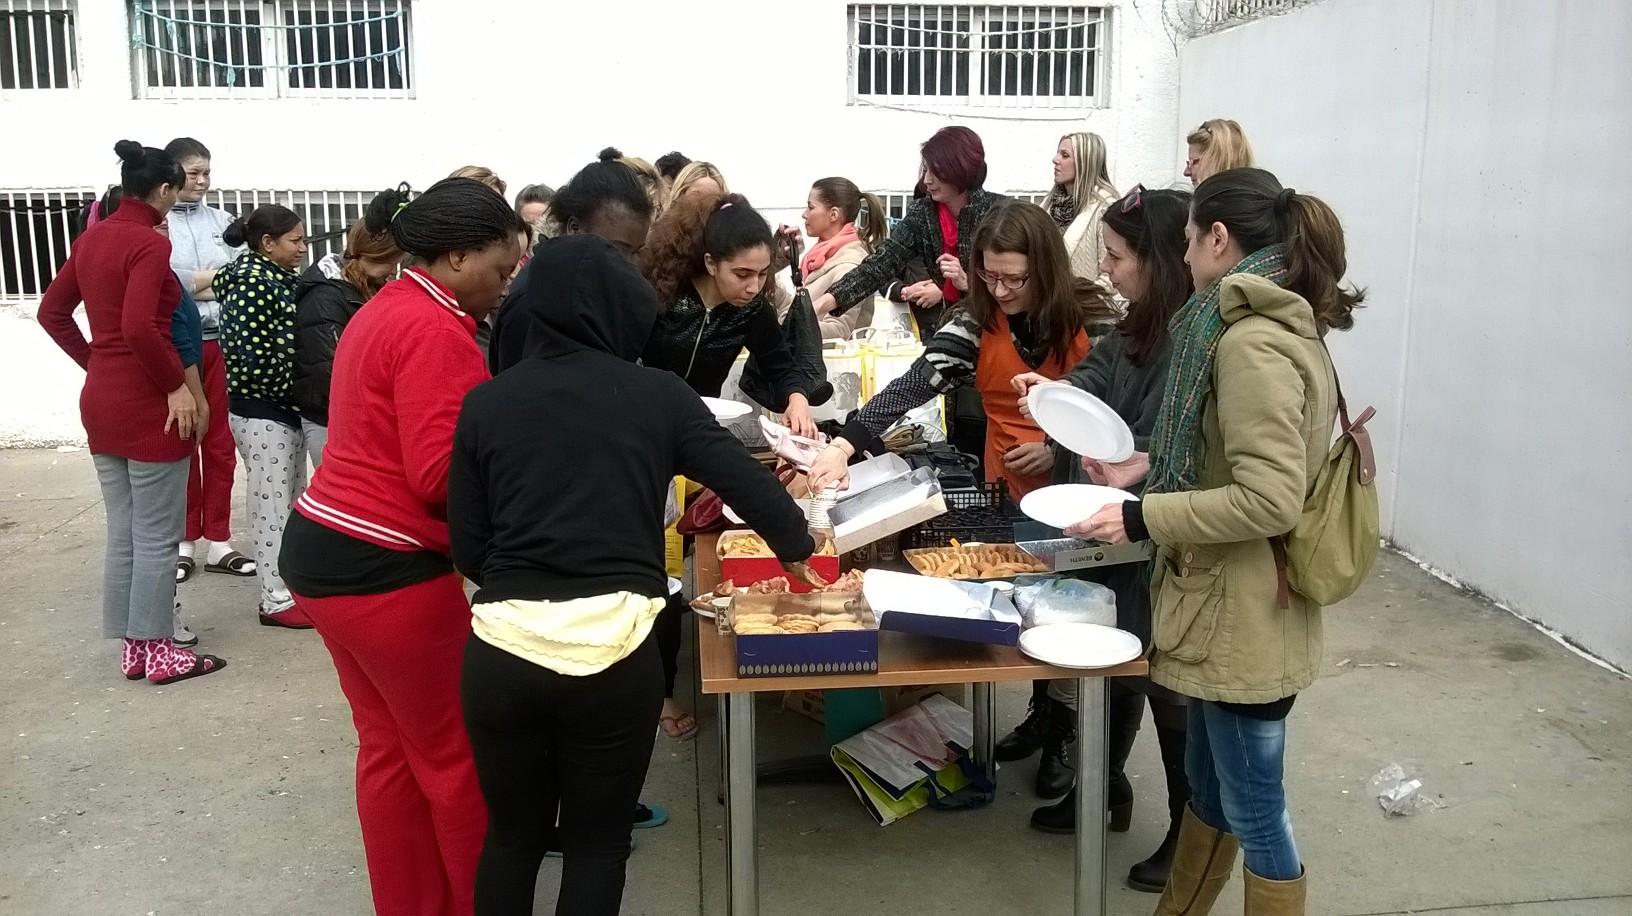 Καταγγέλλουν τις συνθήκες κράτησης γυναικών οι «αλληλέγγυοι κρατουμένων στα Νότια»